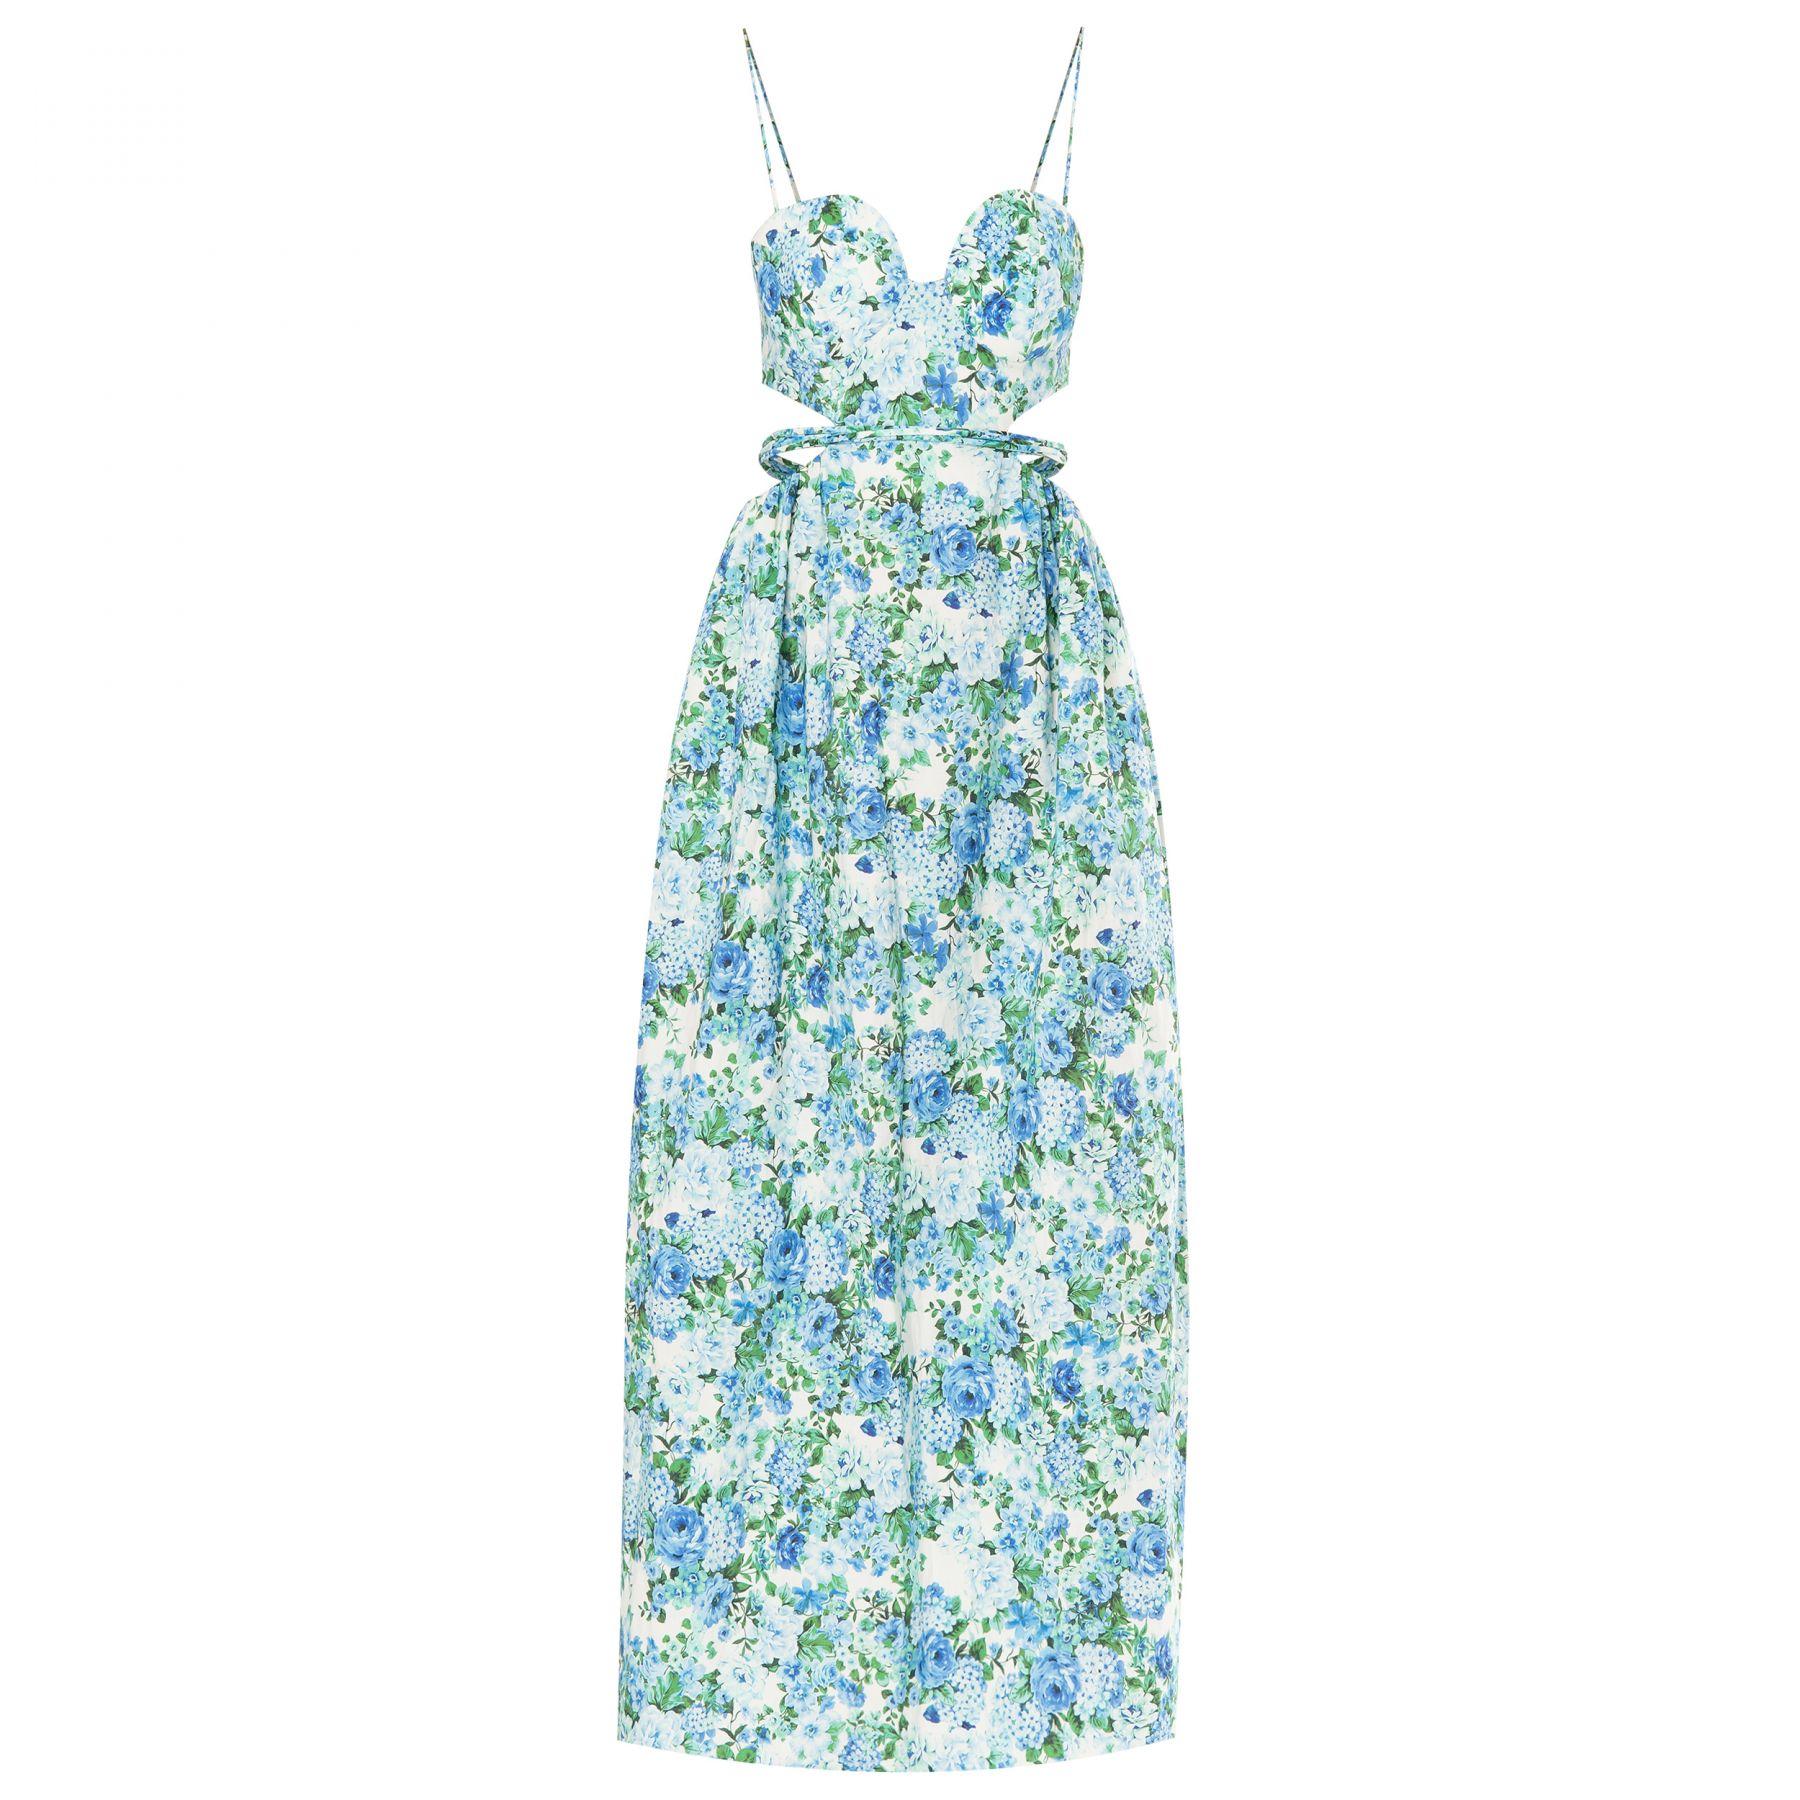 Платье Magda Butrym голубое